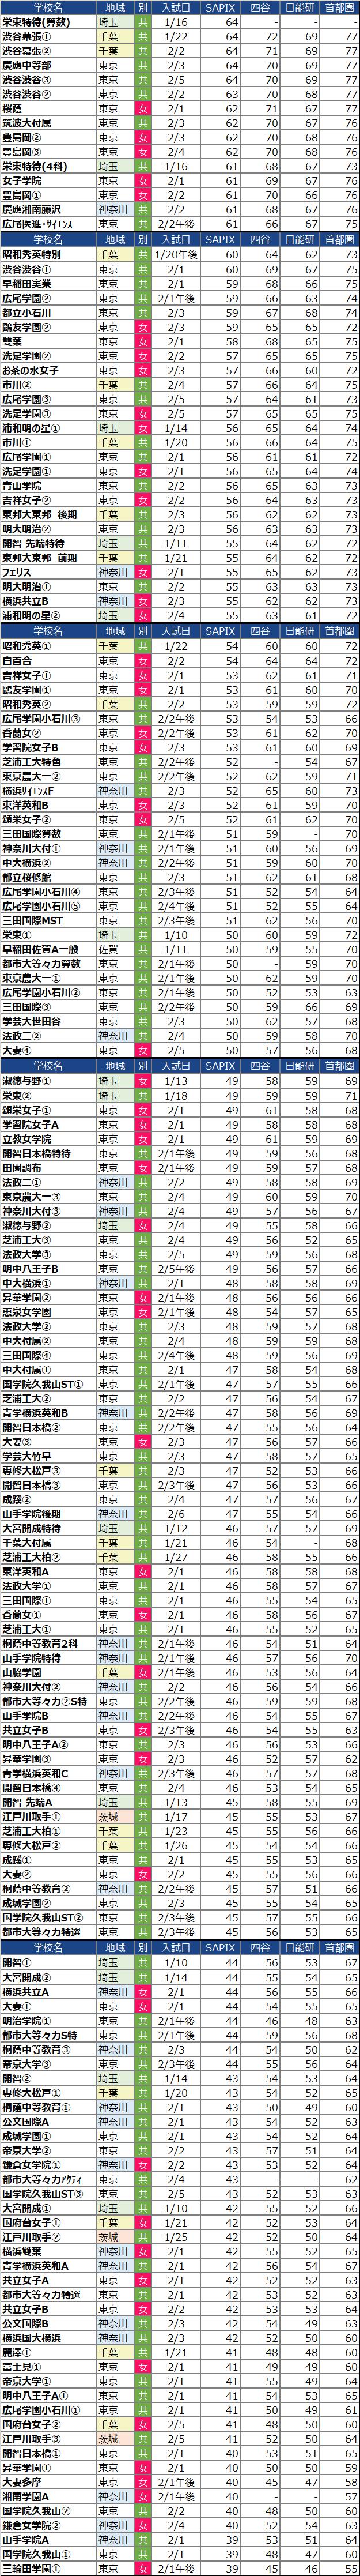 サピックス・四谷大塚・日能研・首都模試の偏差値の違い(女子)